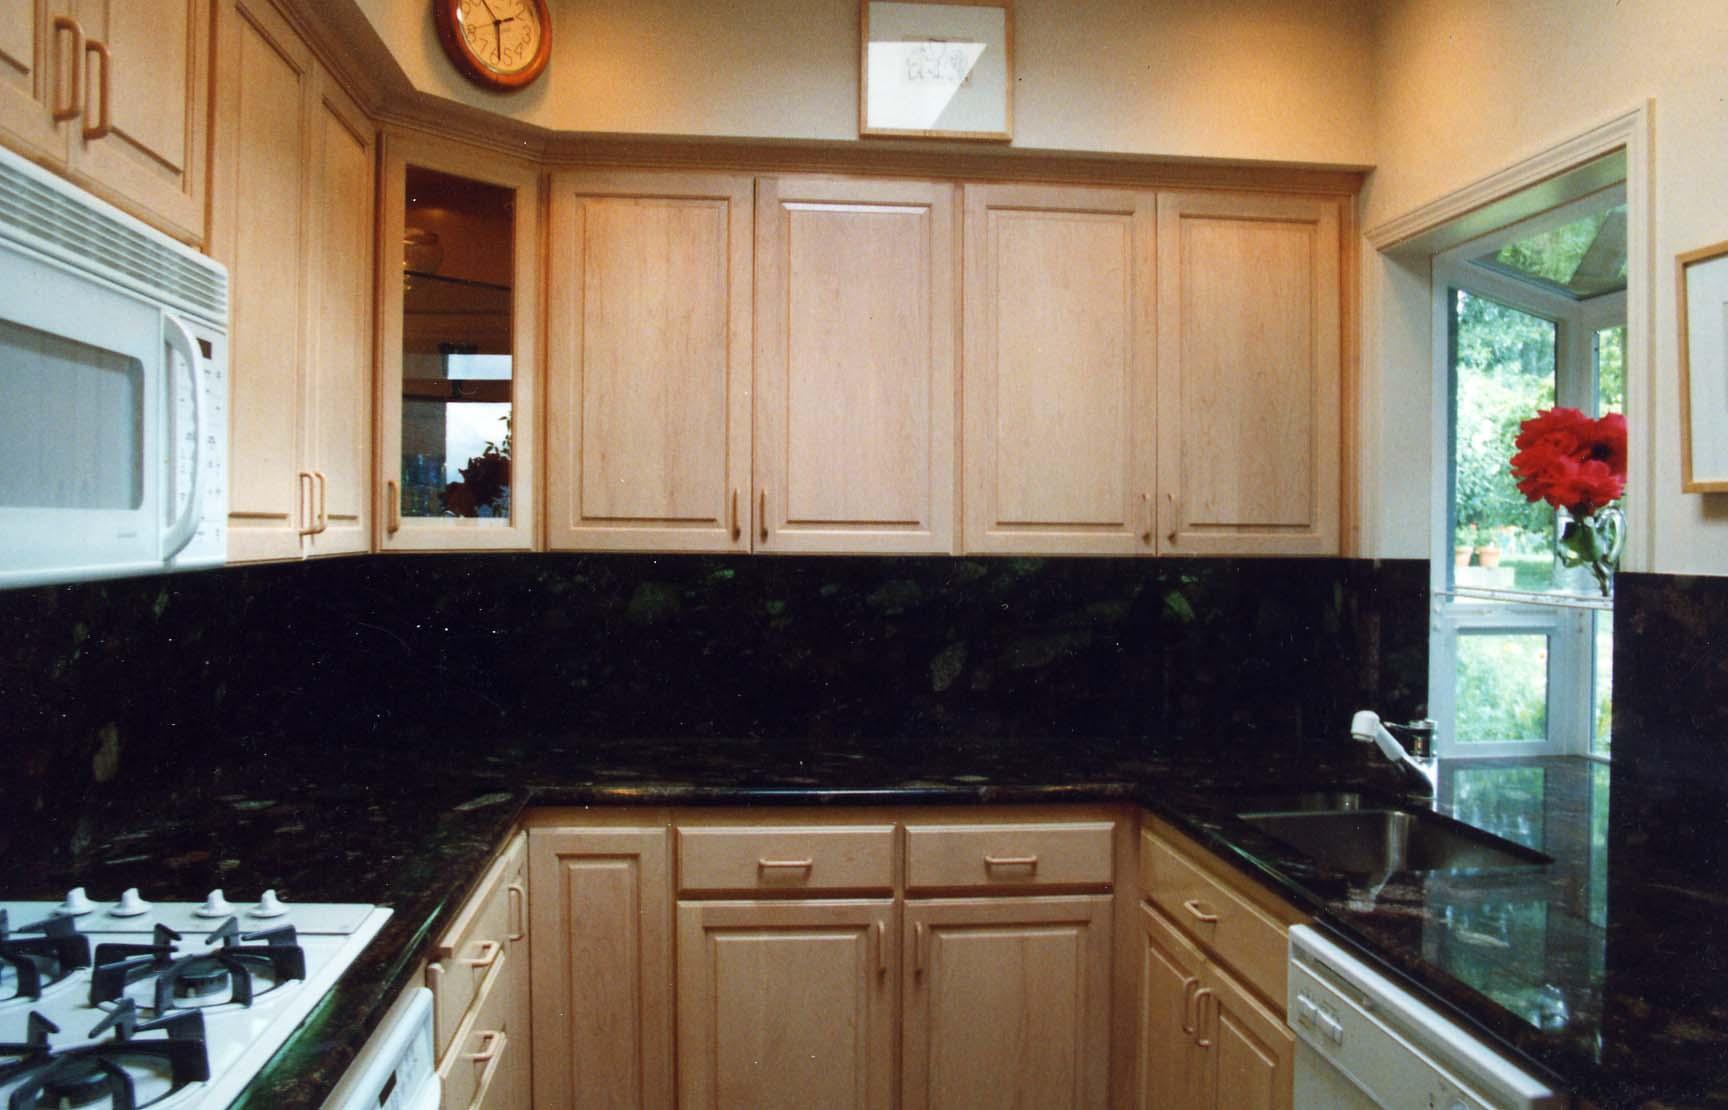 kitchenphotos maple kitchen cabinets Gainesville Centreville Natural maple kitchen cabinets